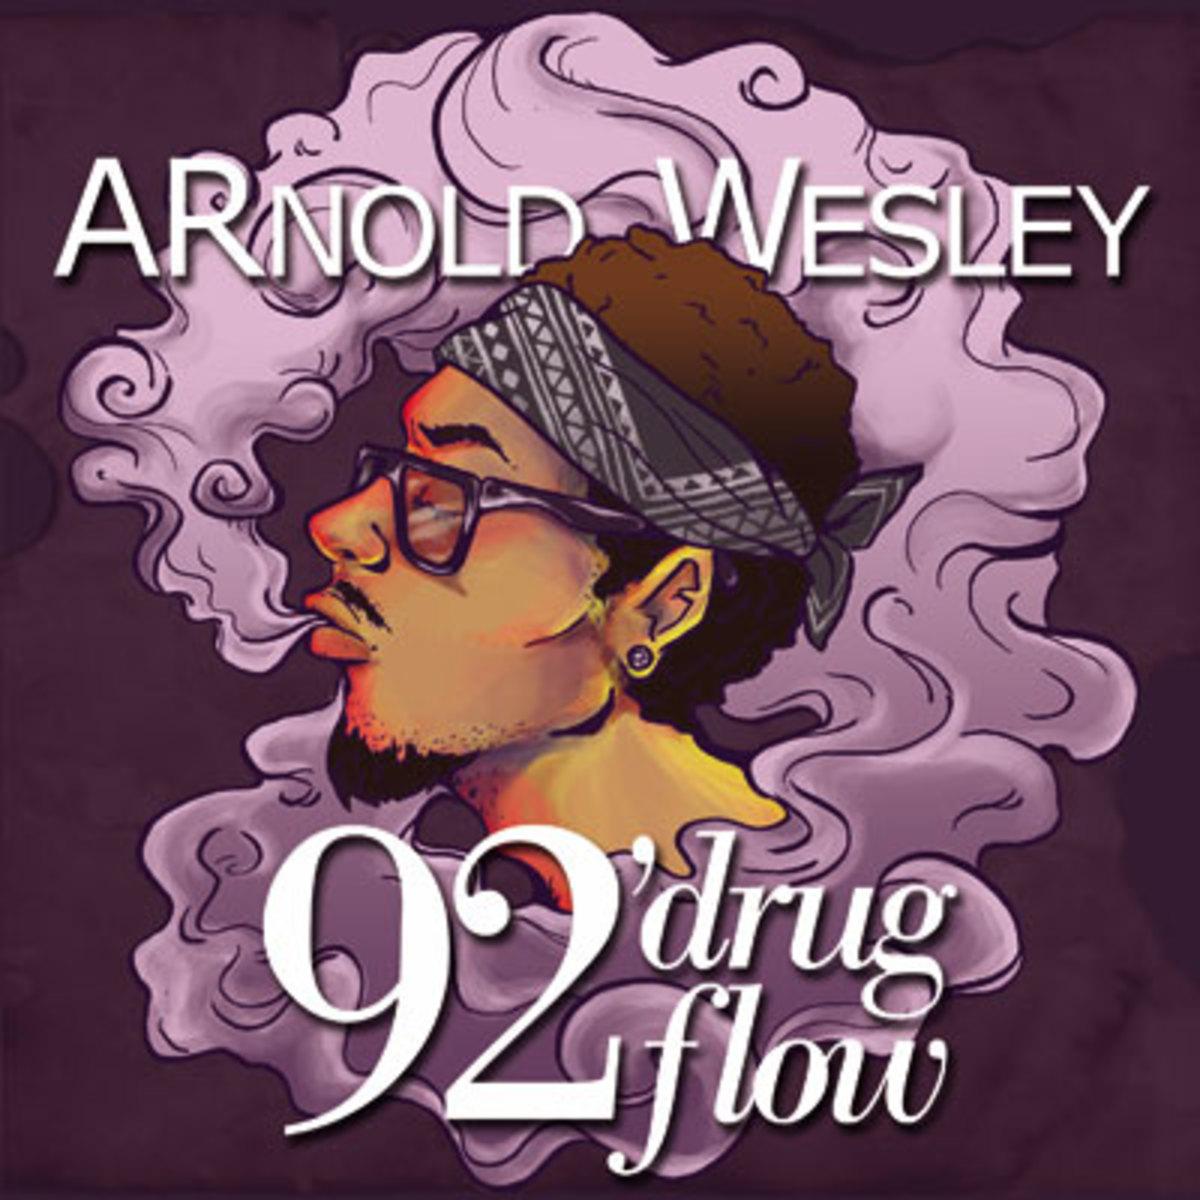 arnold-wesley-92-drug-flow.jpg